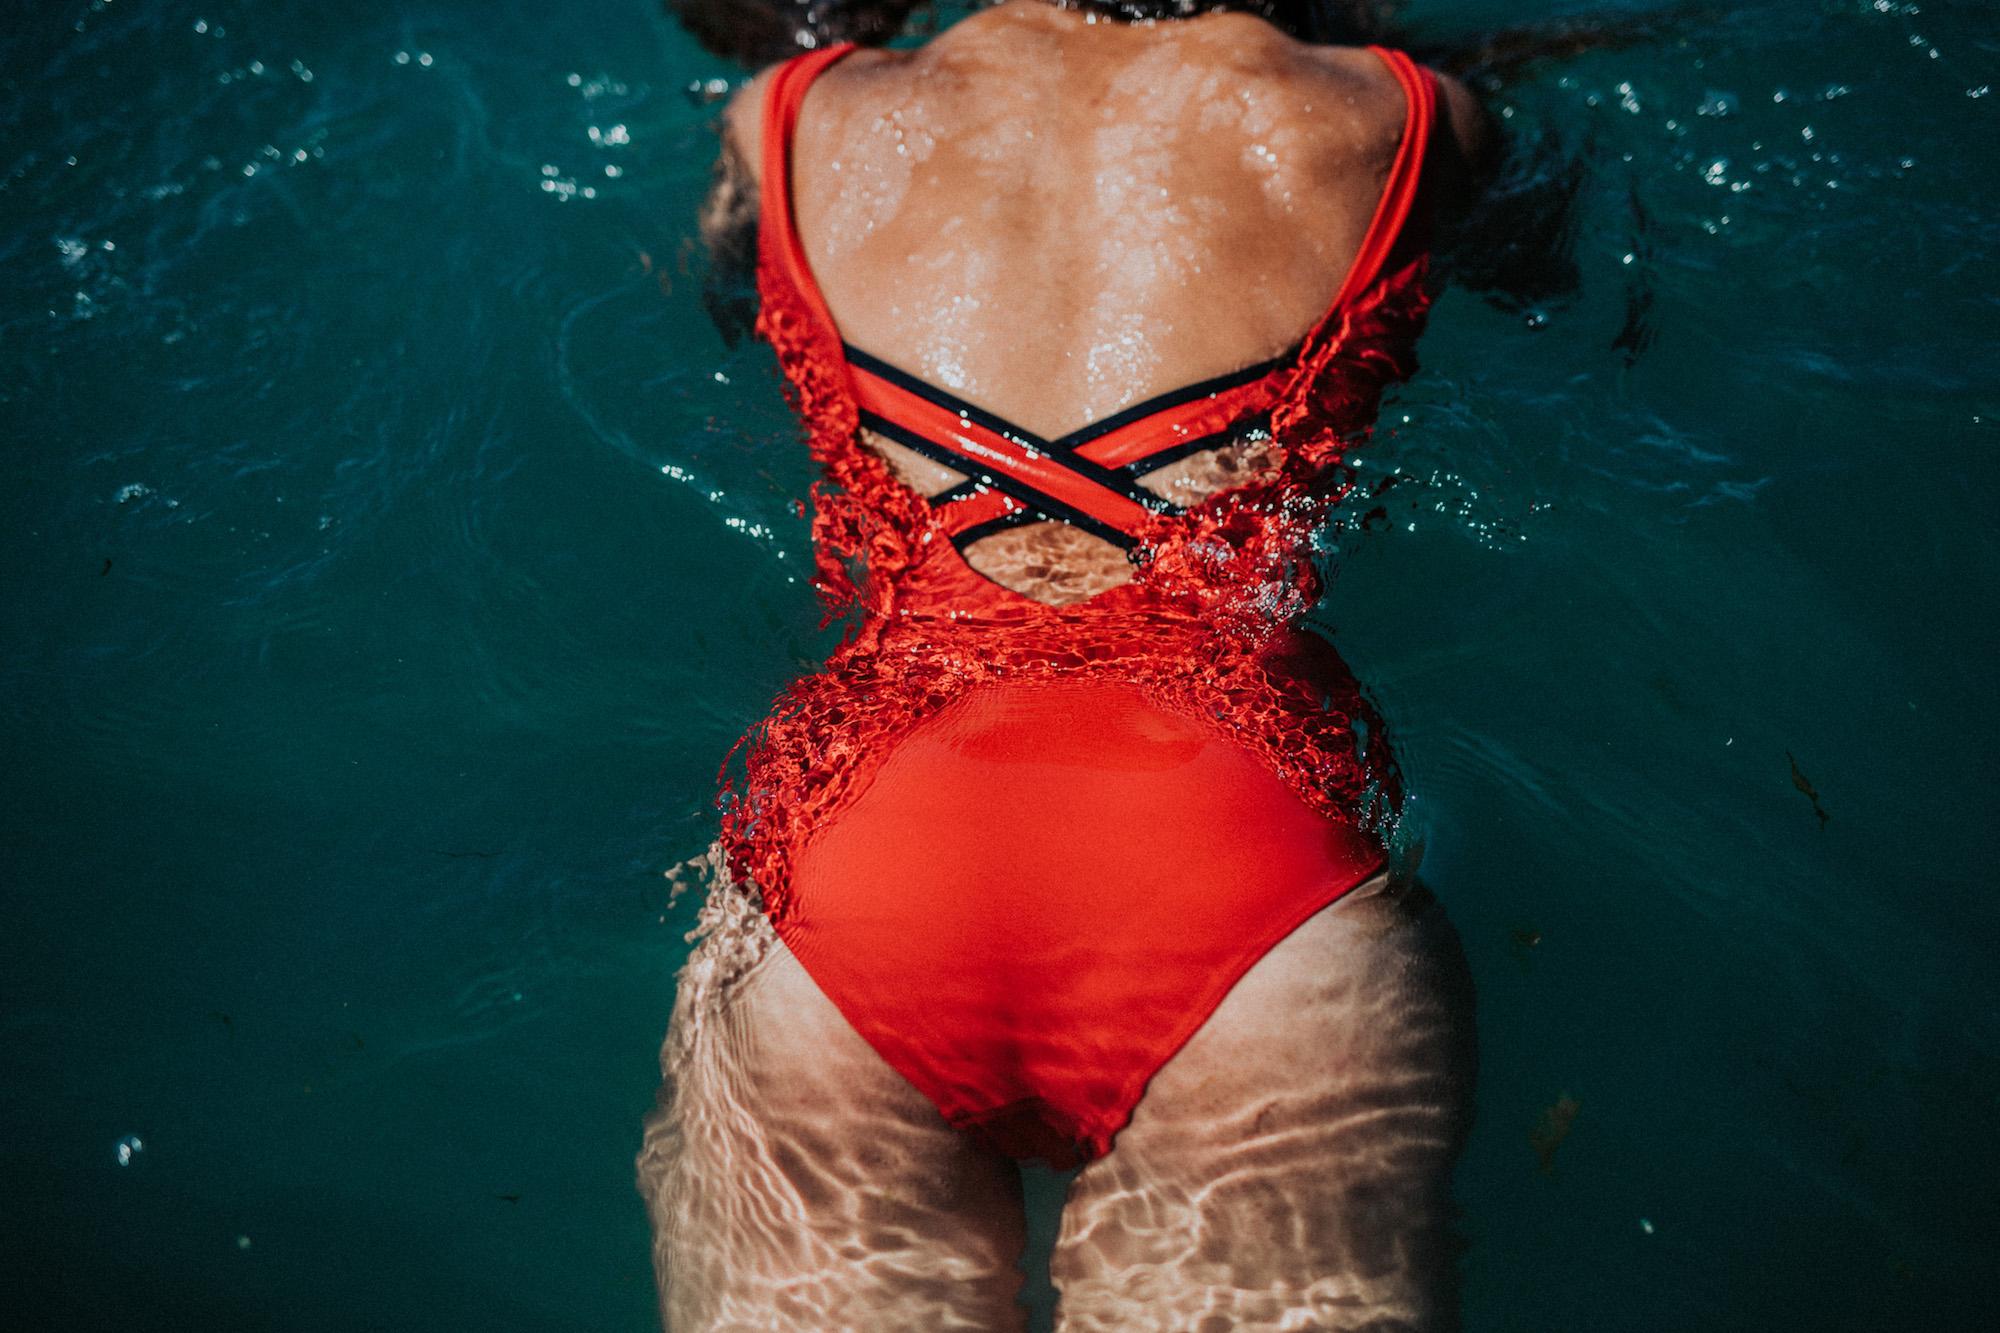 Davy J swimming costume